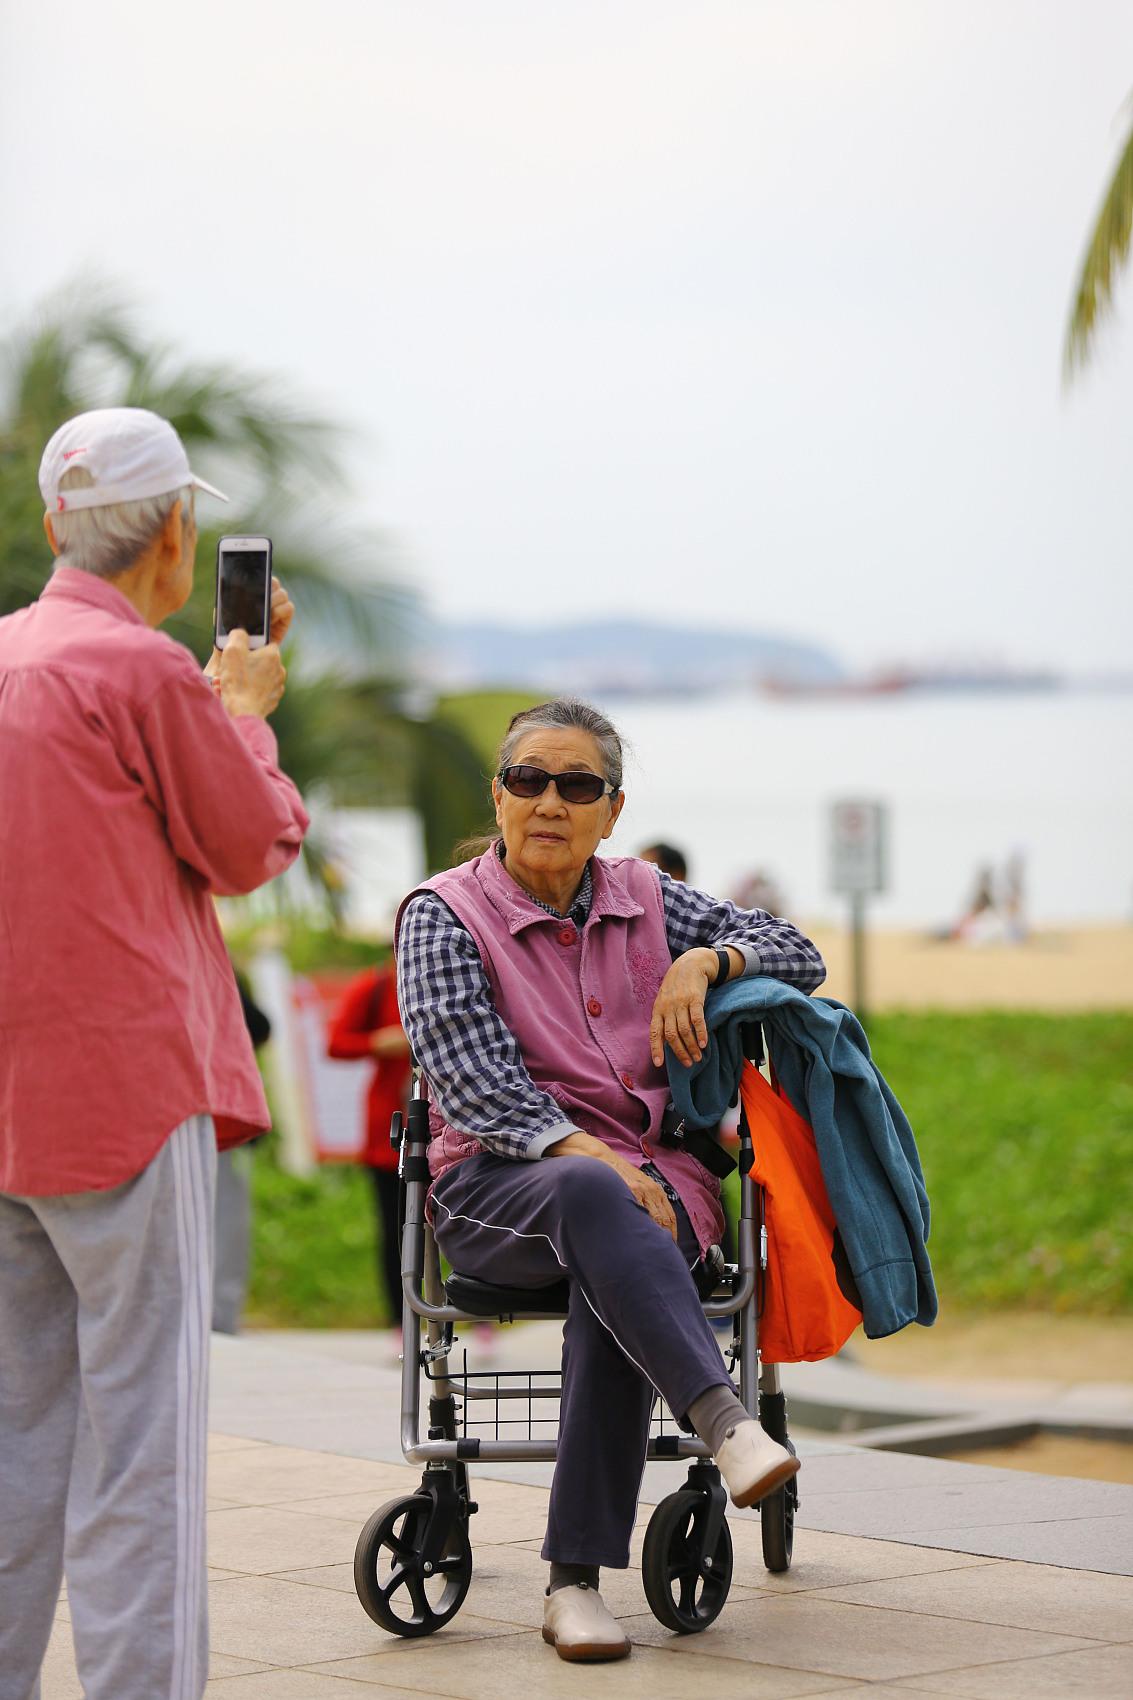 2021年养老金将迎第17连涨 涨幅应适当高于物价上涨